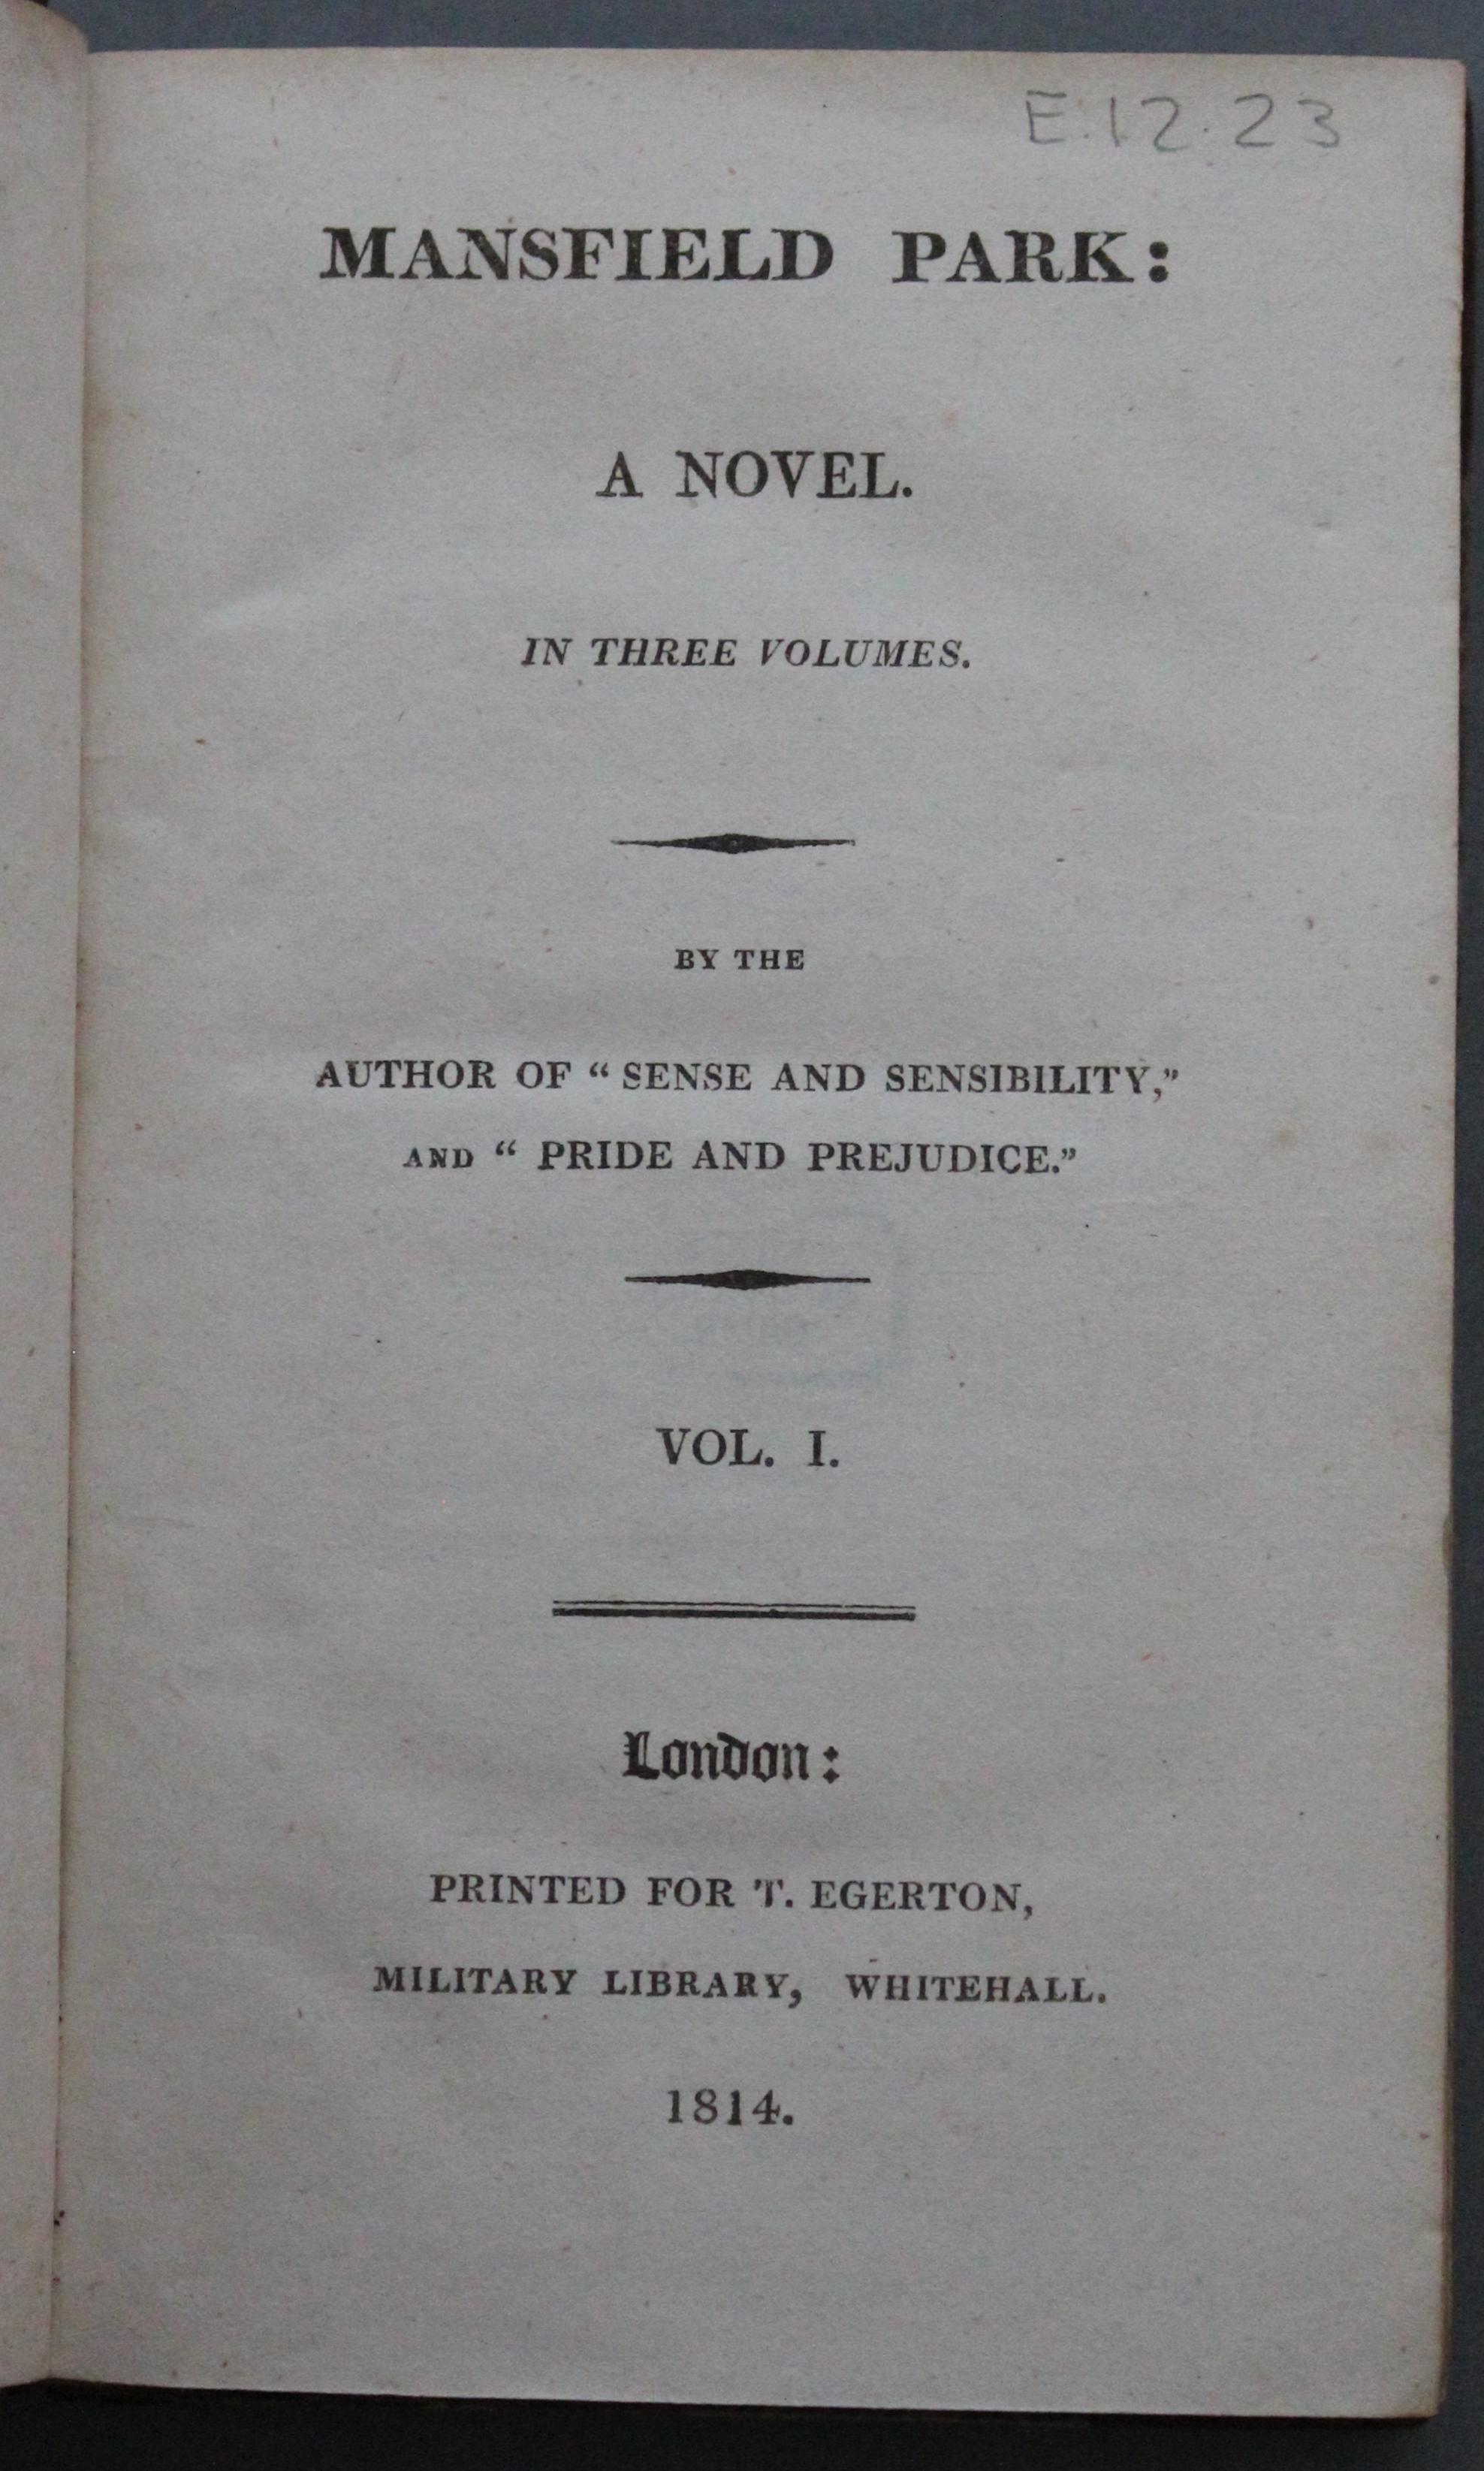 Warren.A.Ma.1814.1_title page